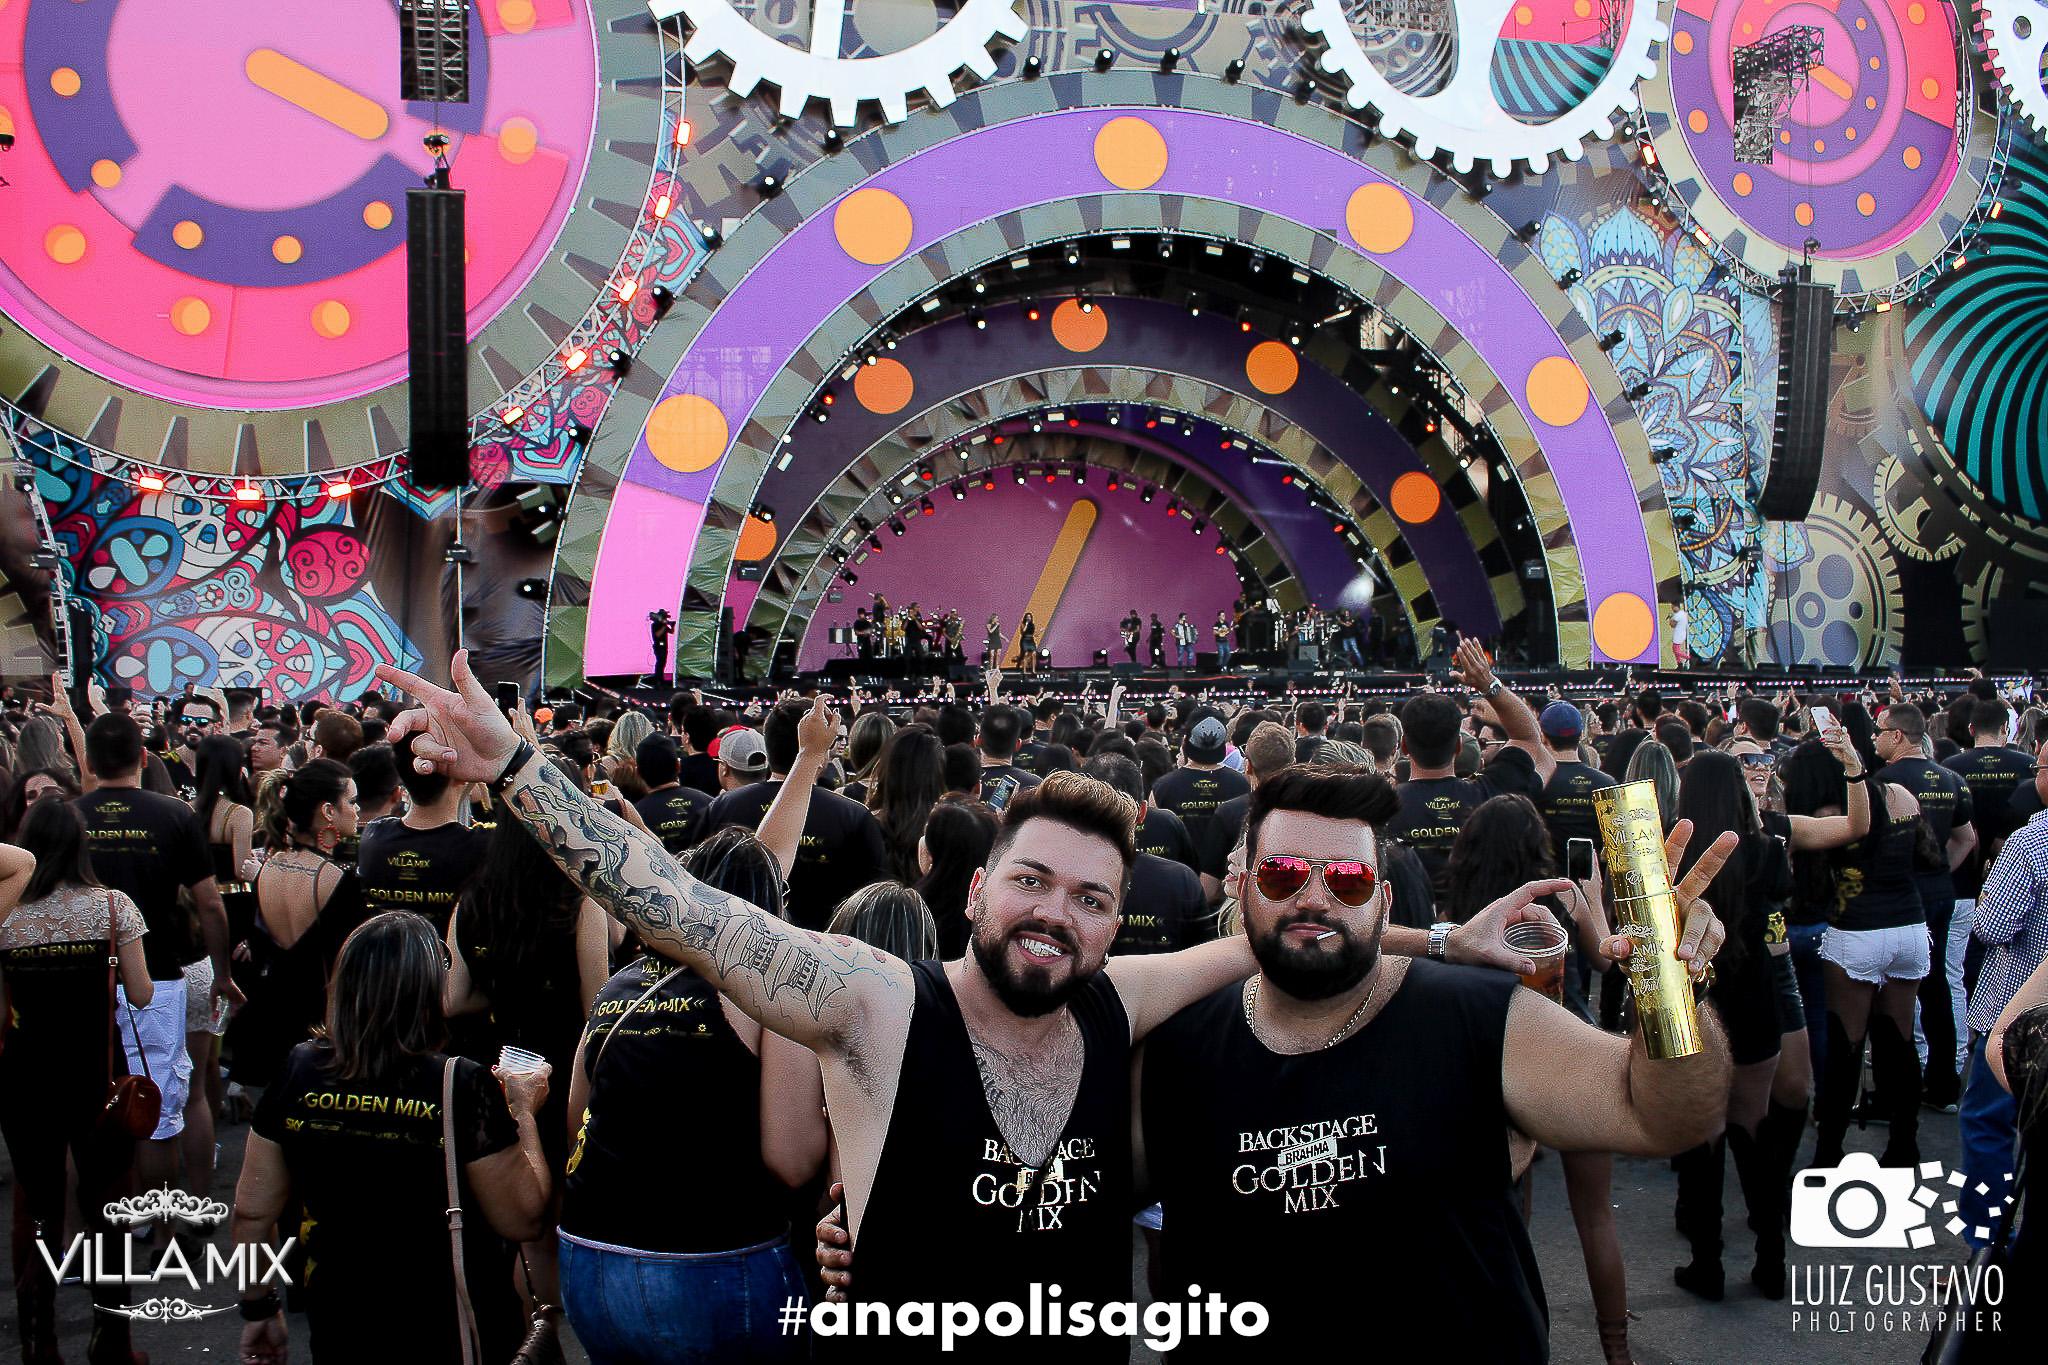 Luiz Gustavo Photographer (68 de 327)